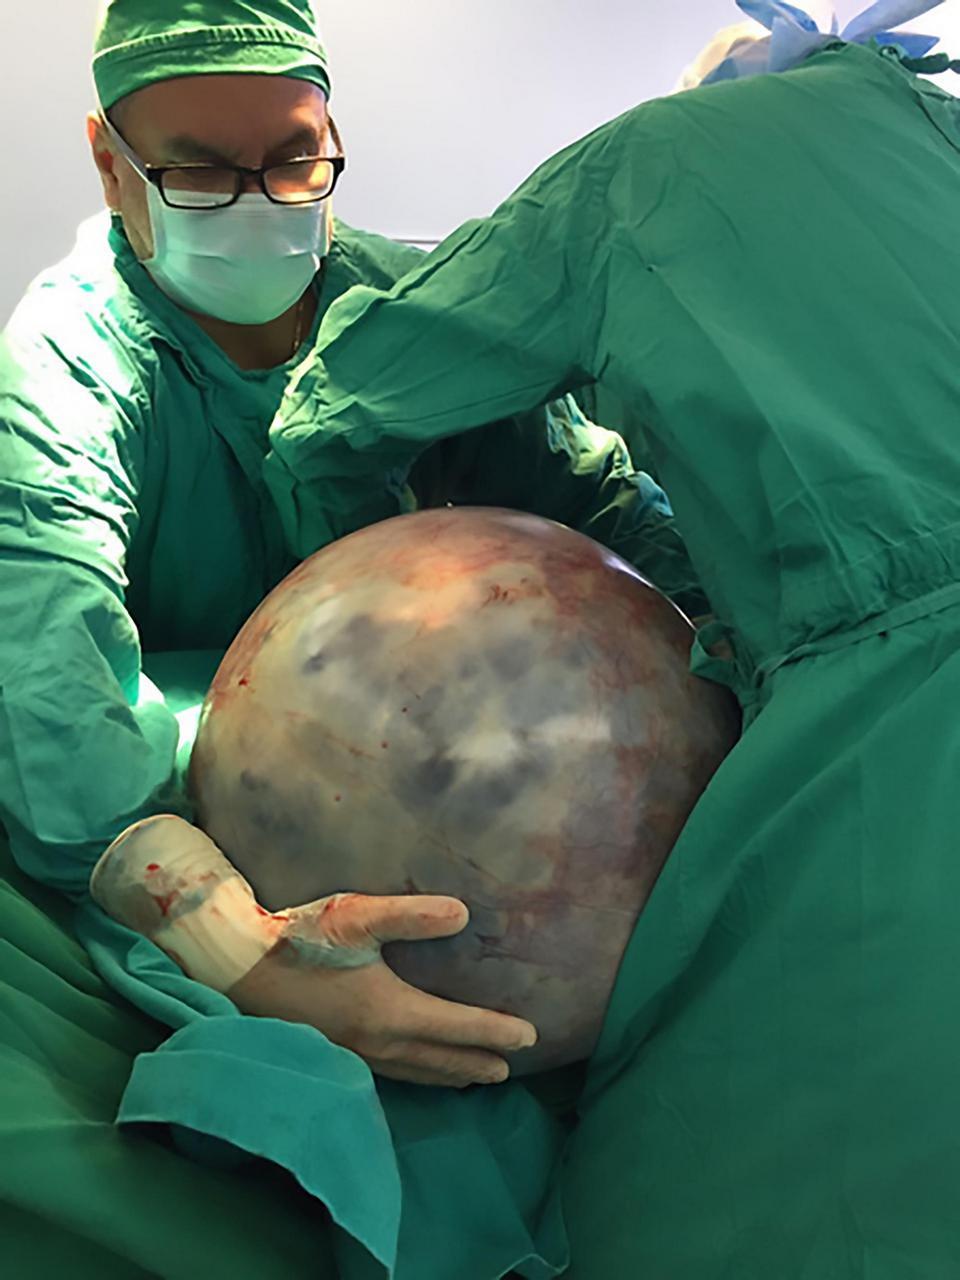 【衝撃】32㎏もの腫瘍を切除したコスタリカの女性、よく生きてたな。。。(画像)・1枚目